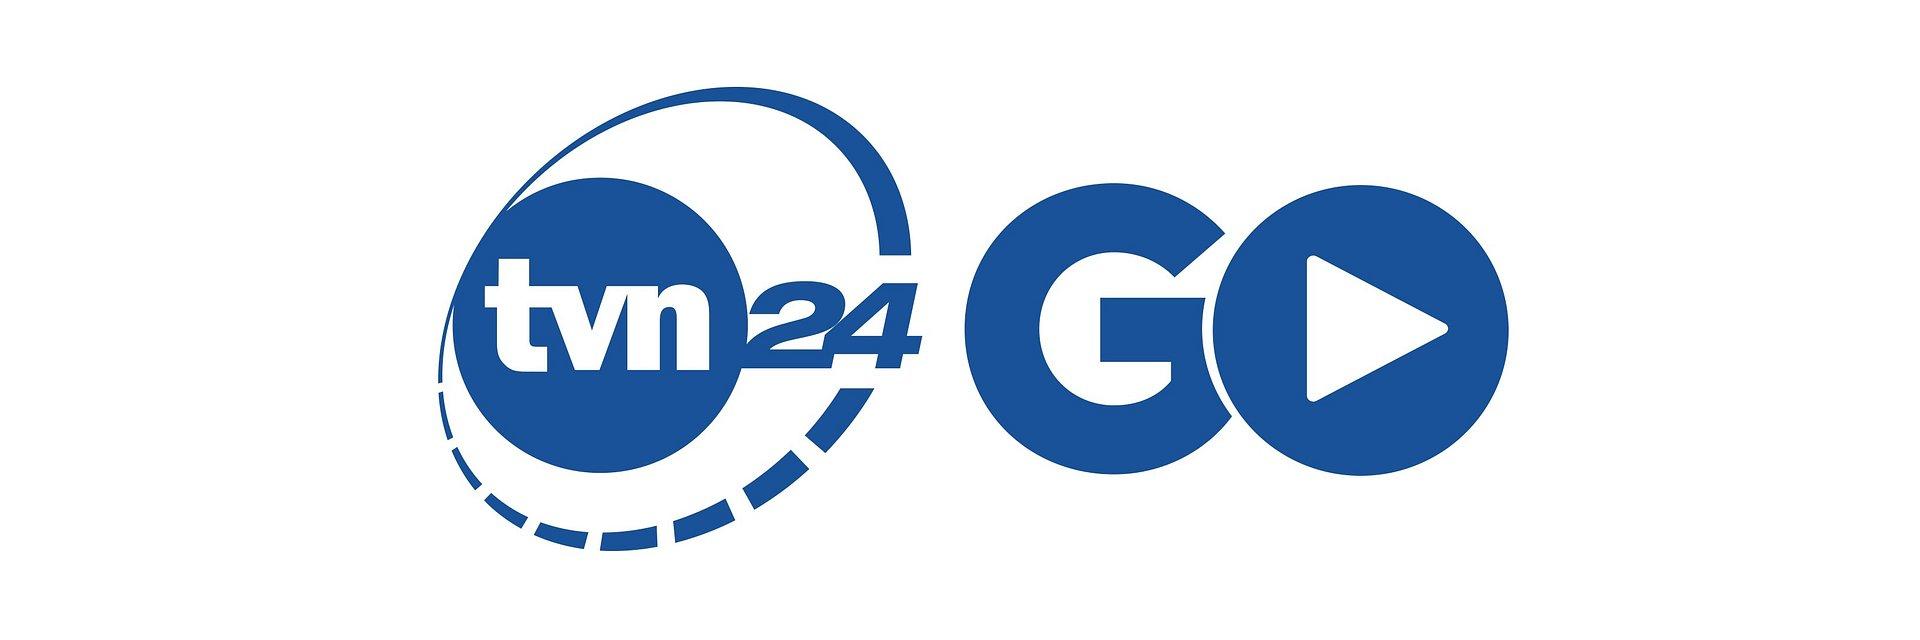 TVN24 GO nominowany do nagrody Mobile Trends Awards!